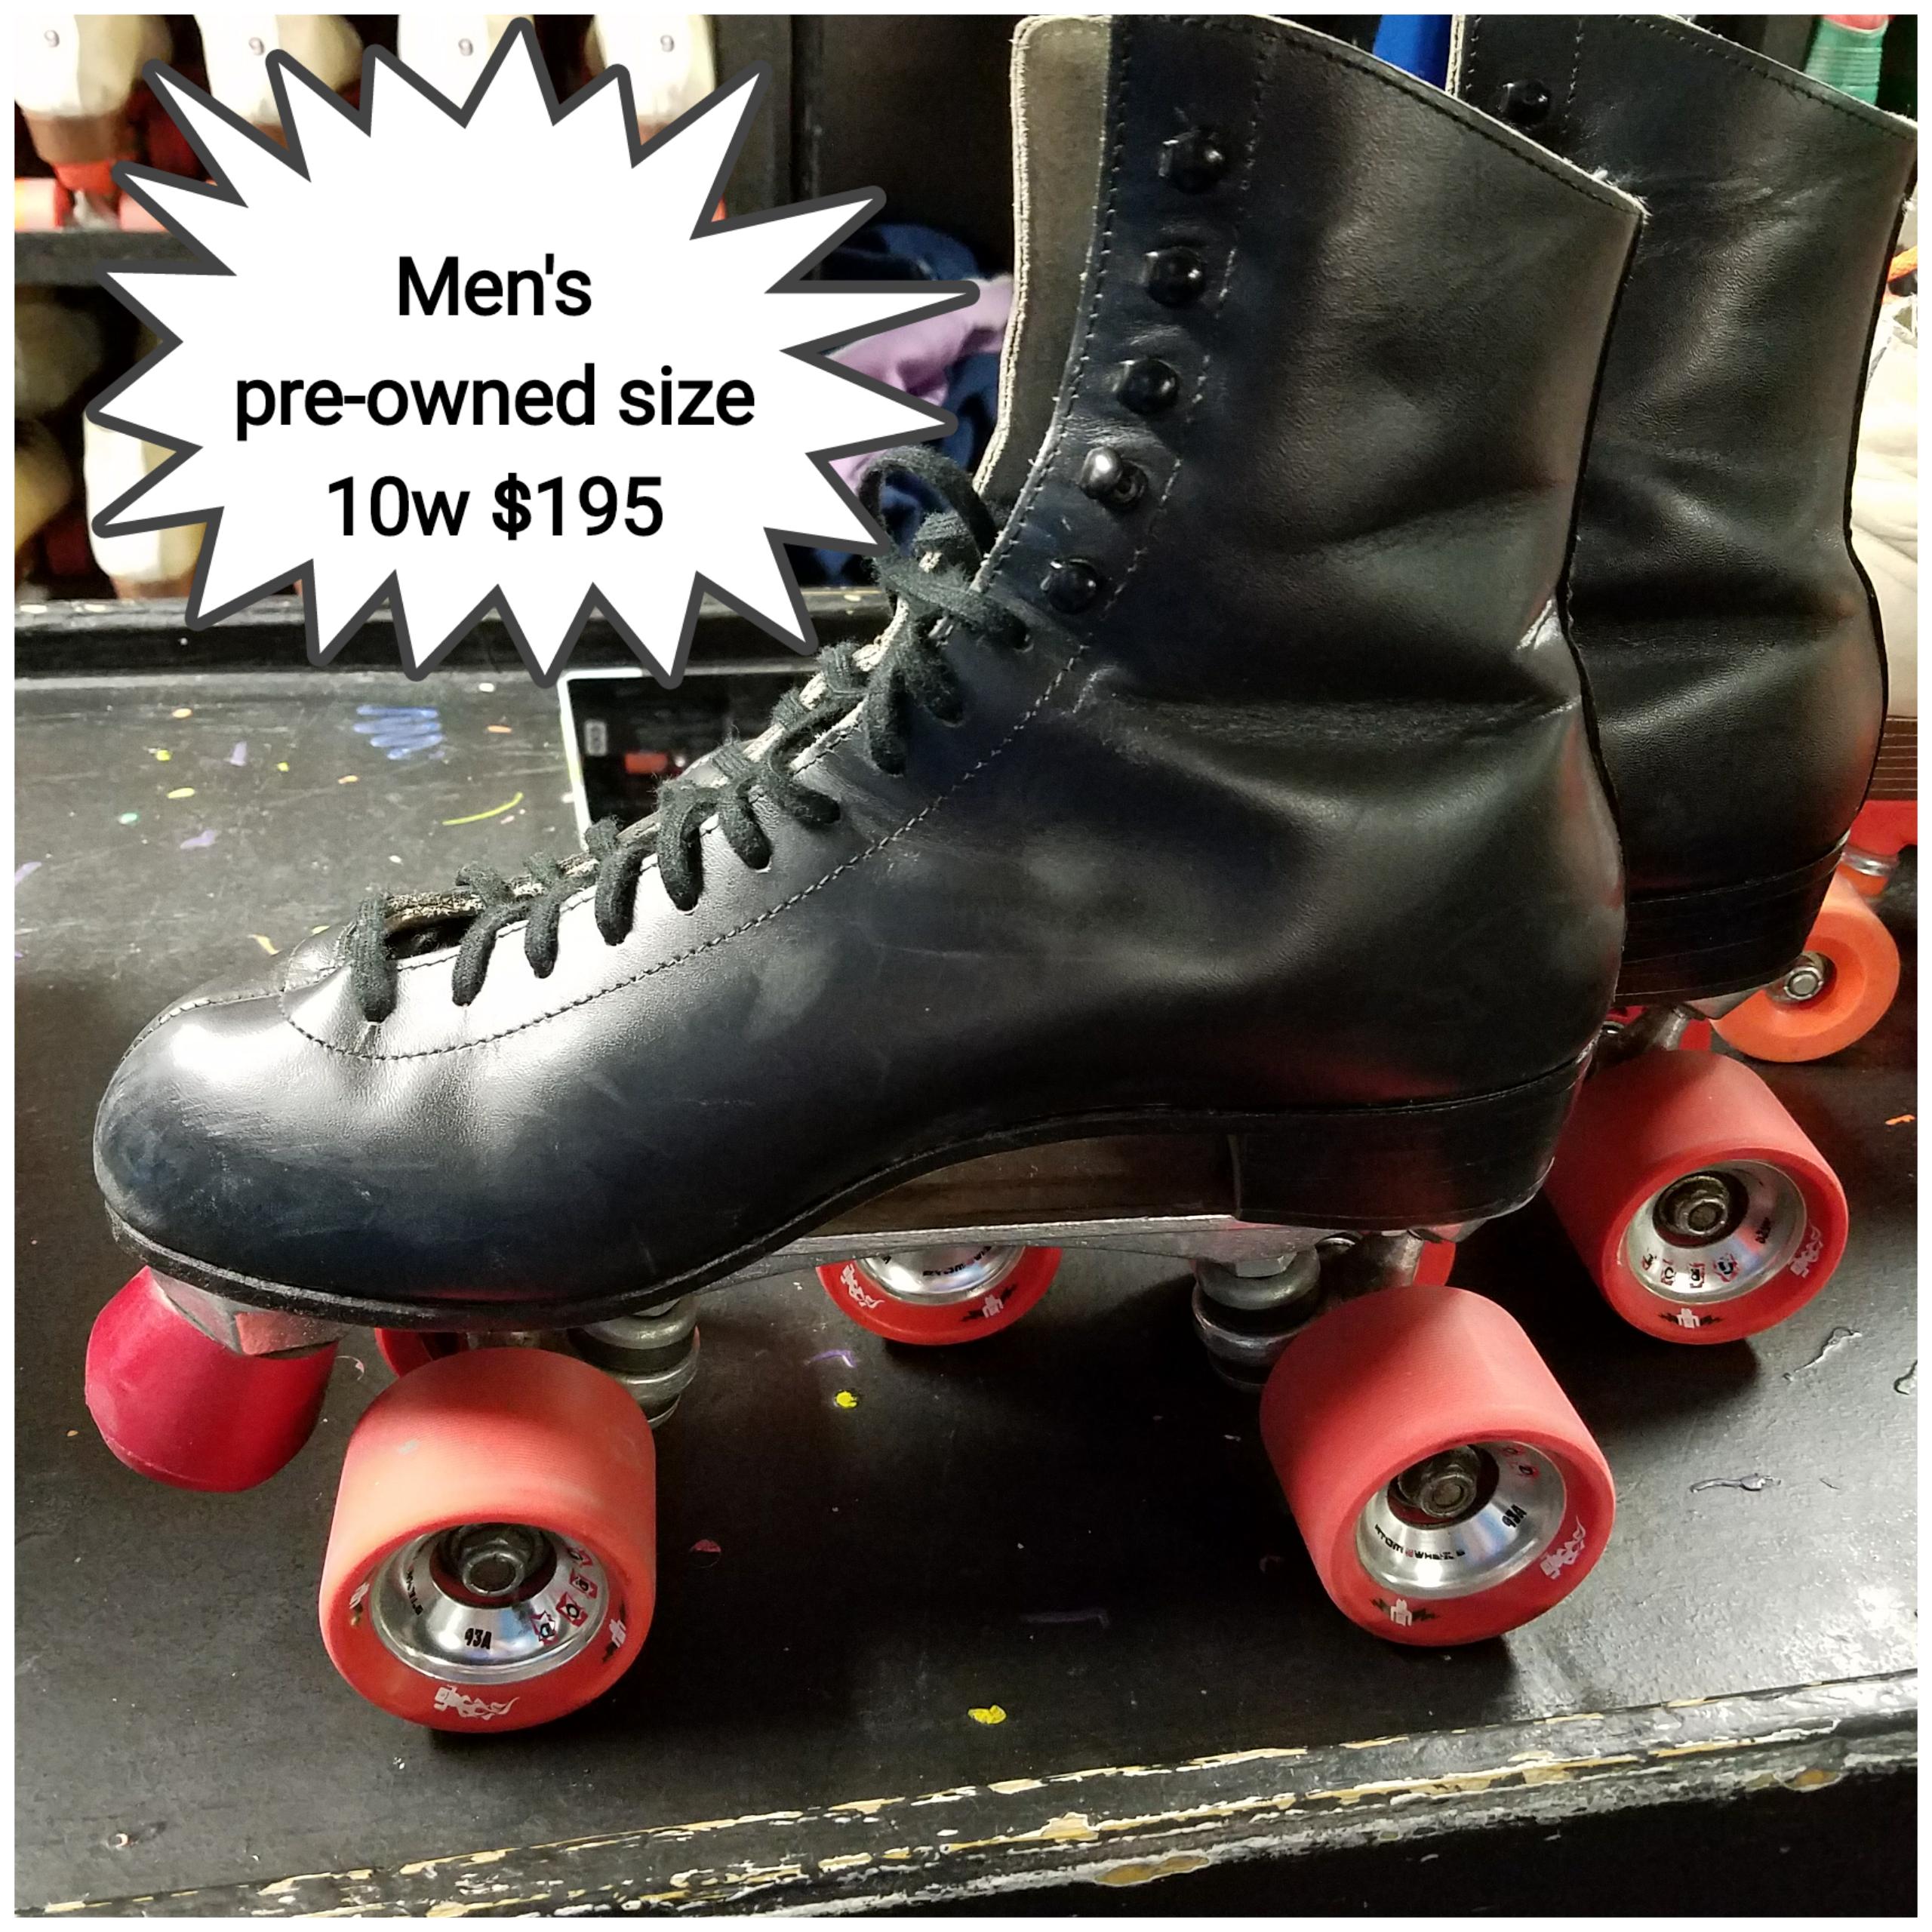 Skates For Sale >> Skates For Sale Rocket Skating Plus